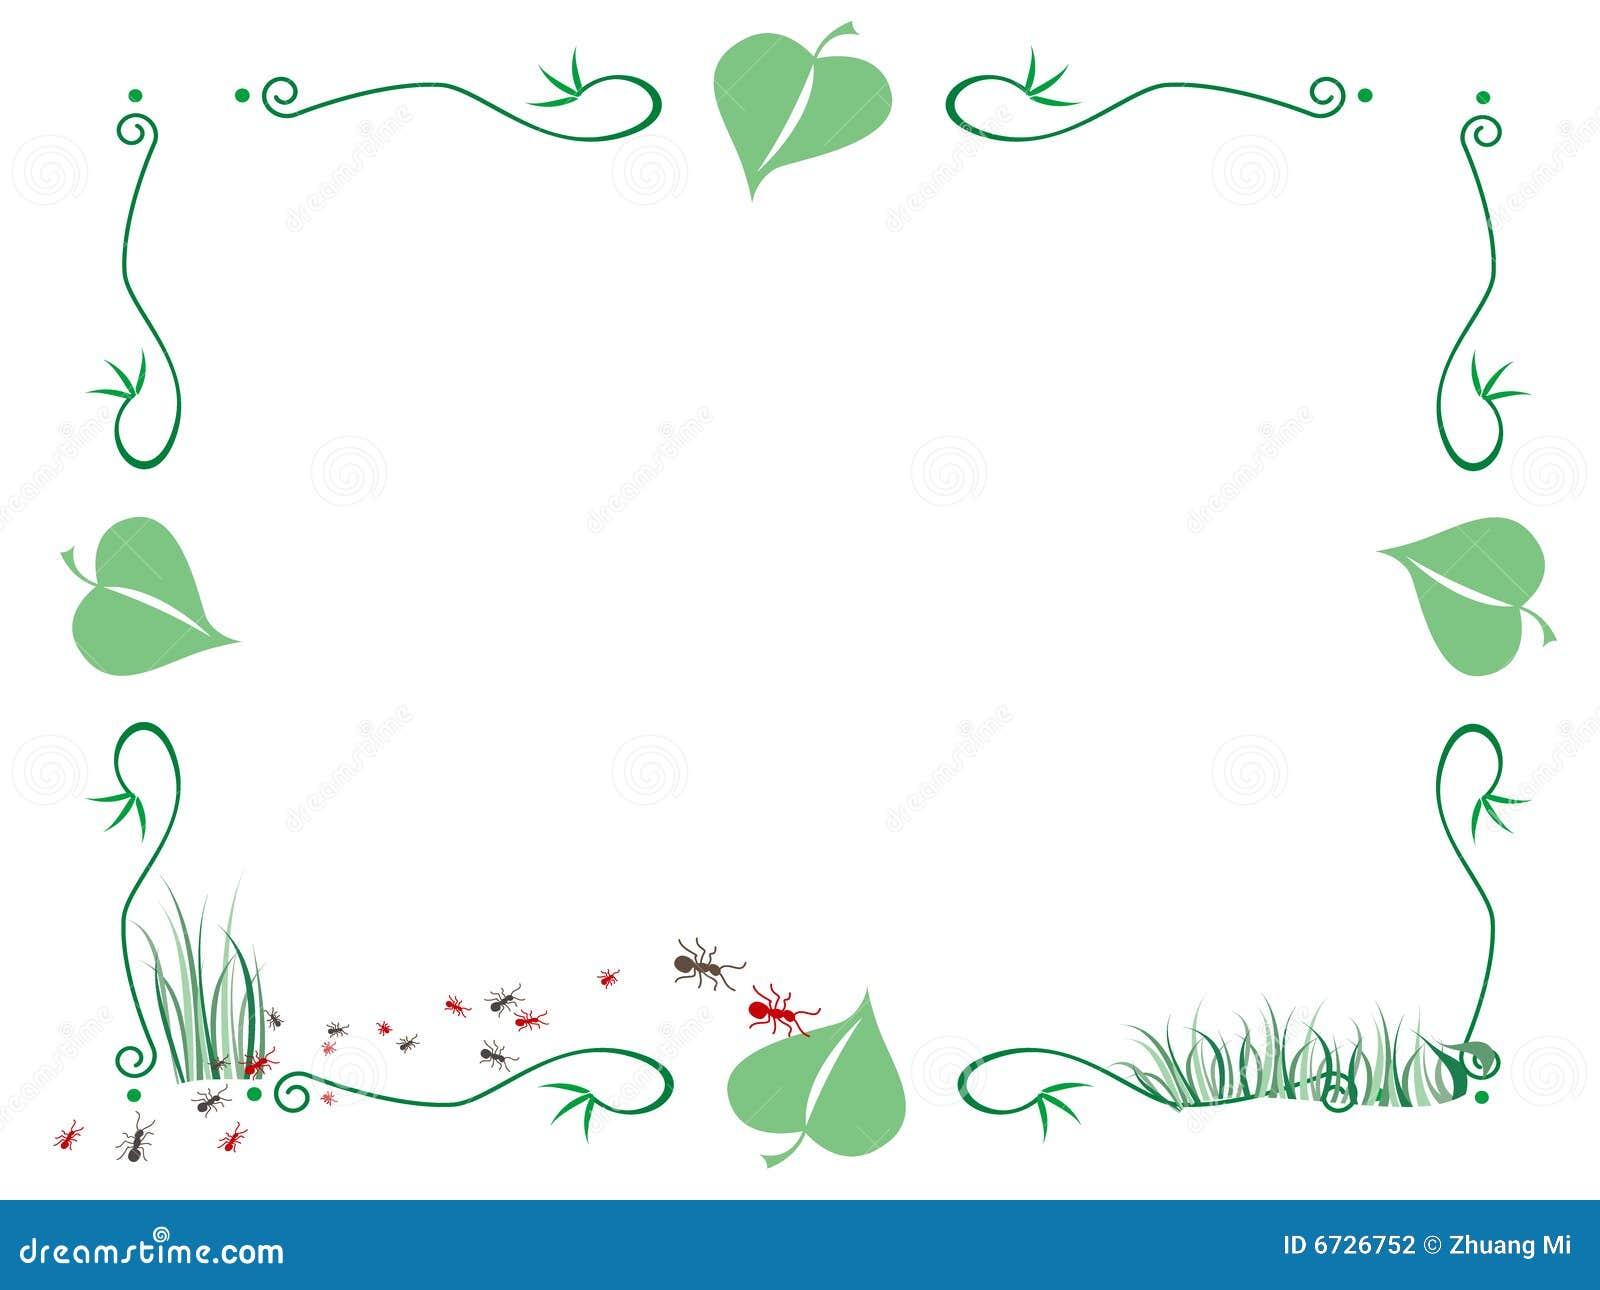 Marco de la hormiga y de las hojas ilustraci n del vector - Marcos para plantas ...